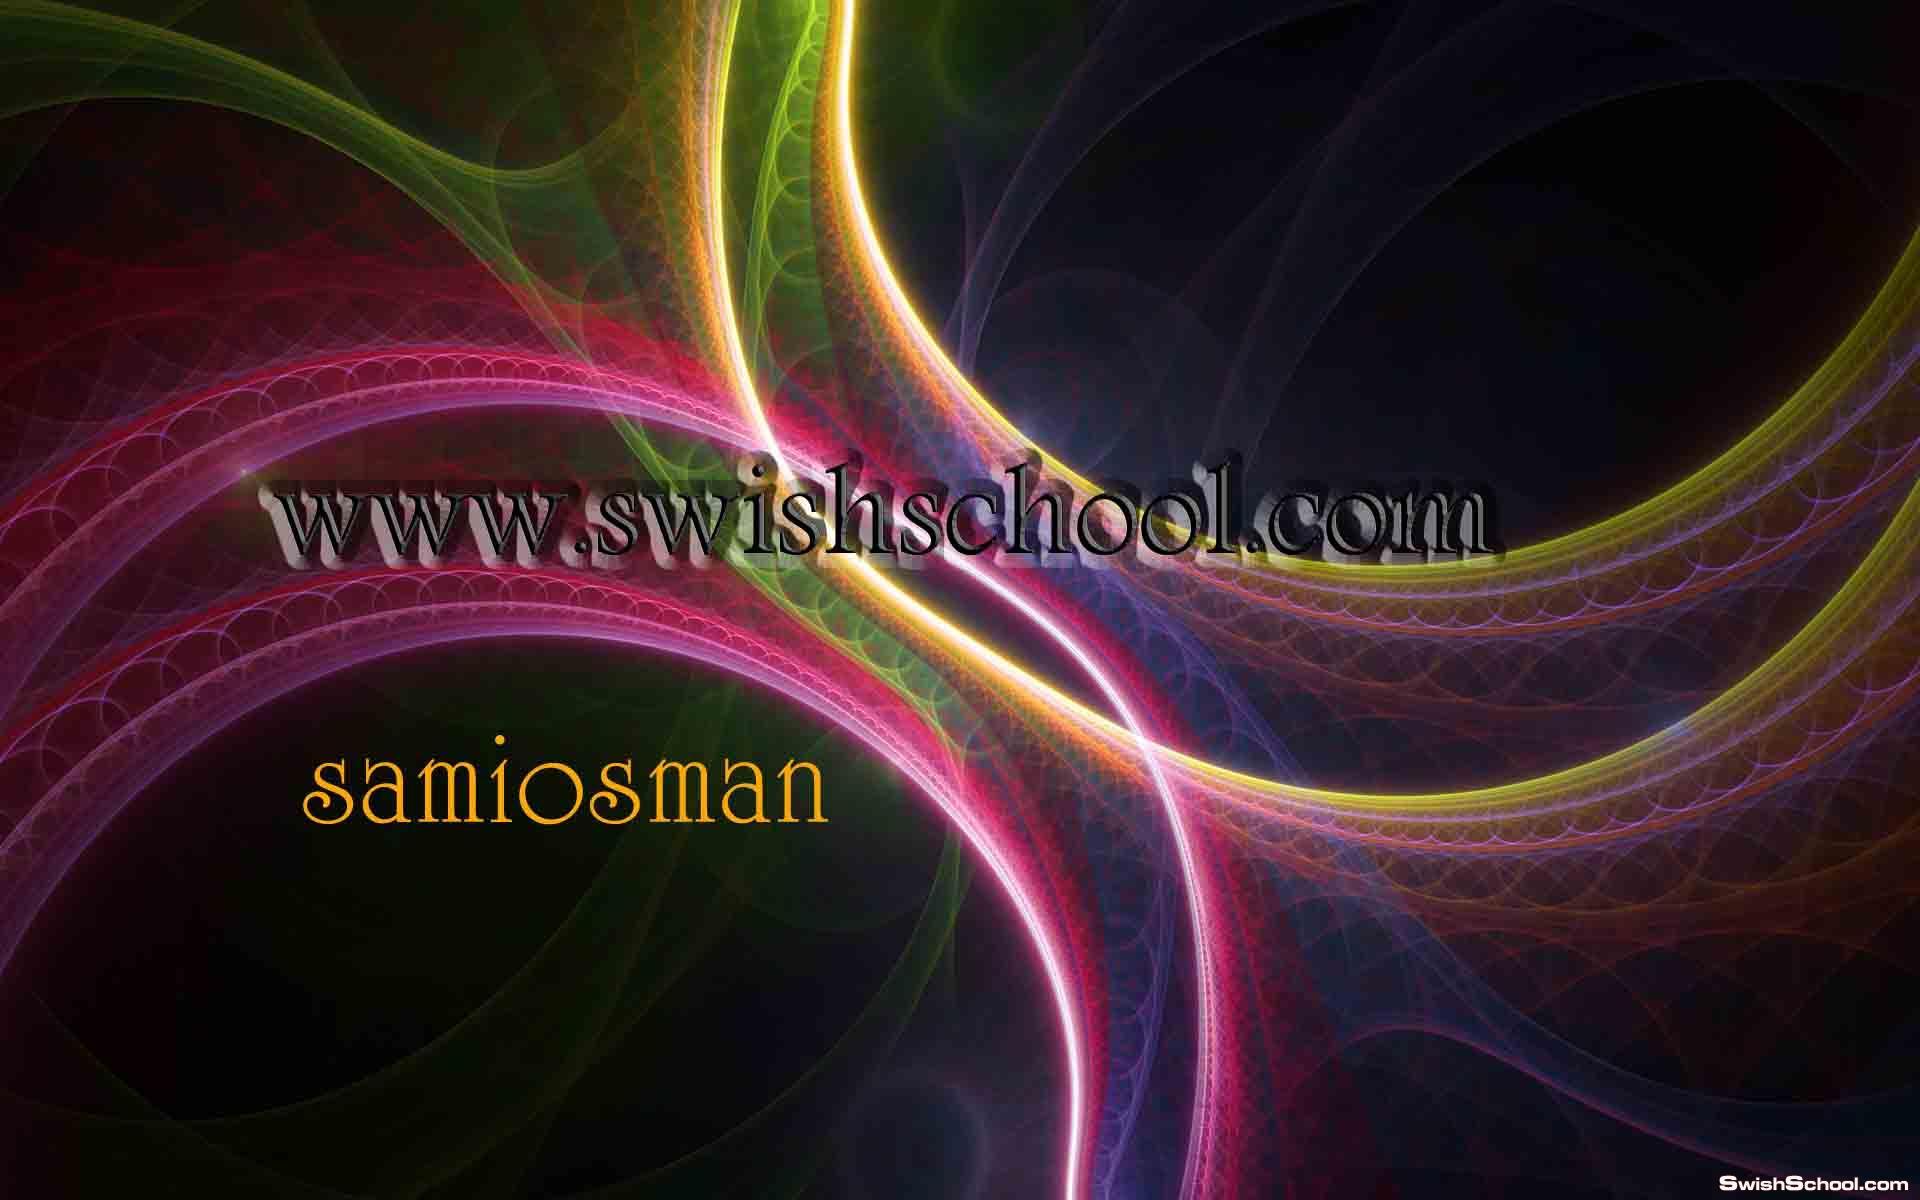 موسوعة خلفيات الاستديو عالية الجودة2012